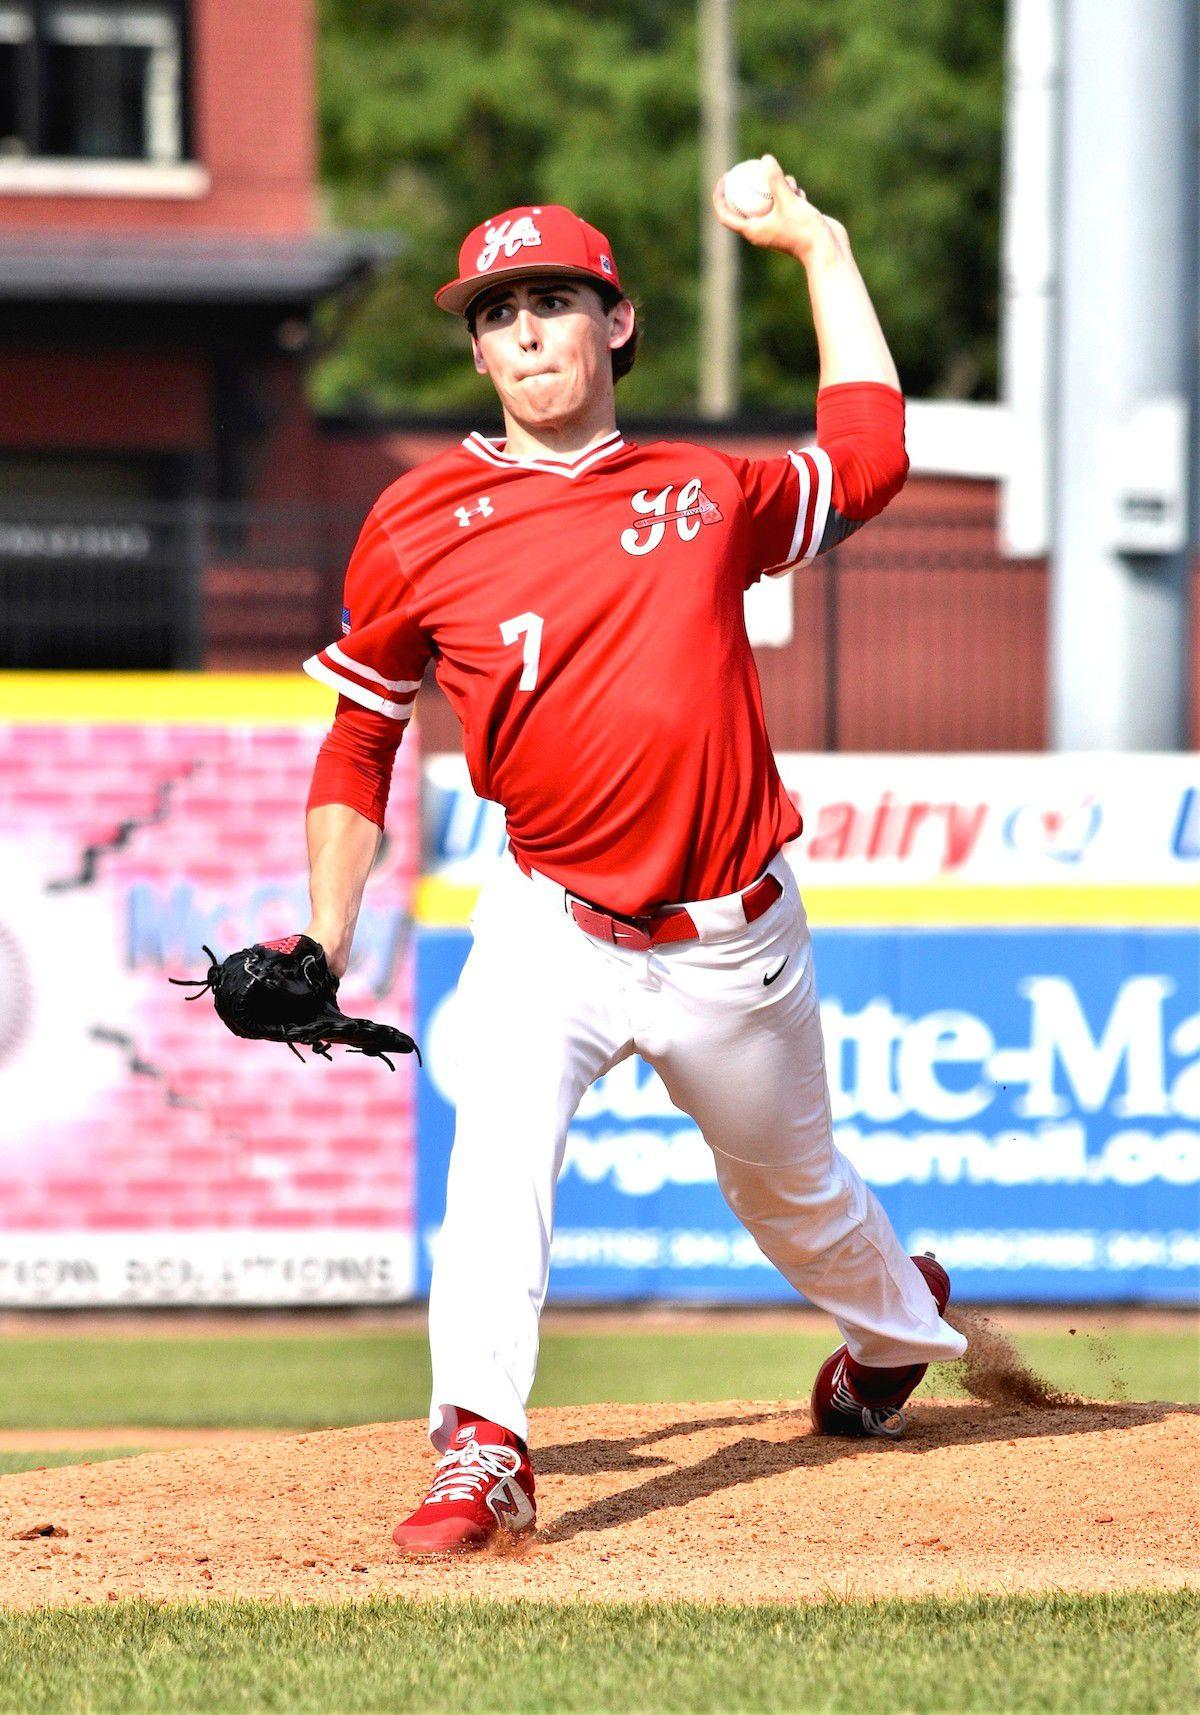 JB pitch